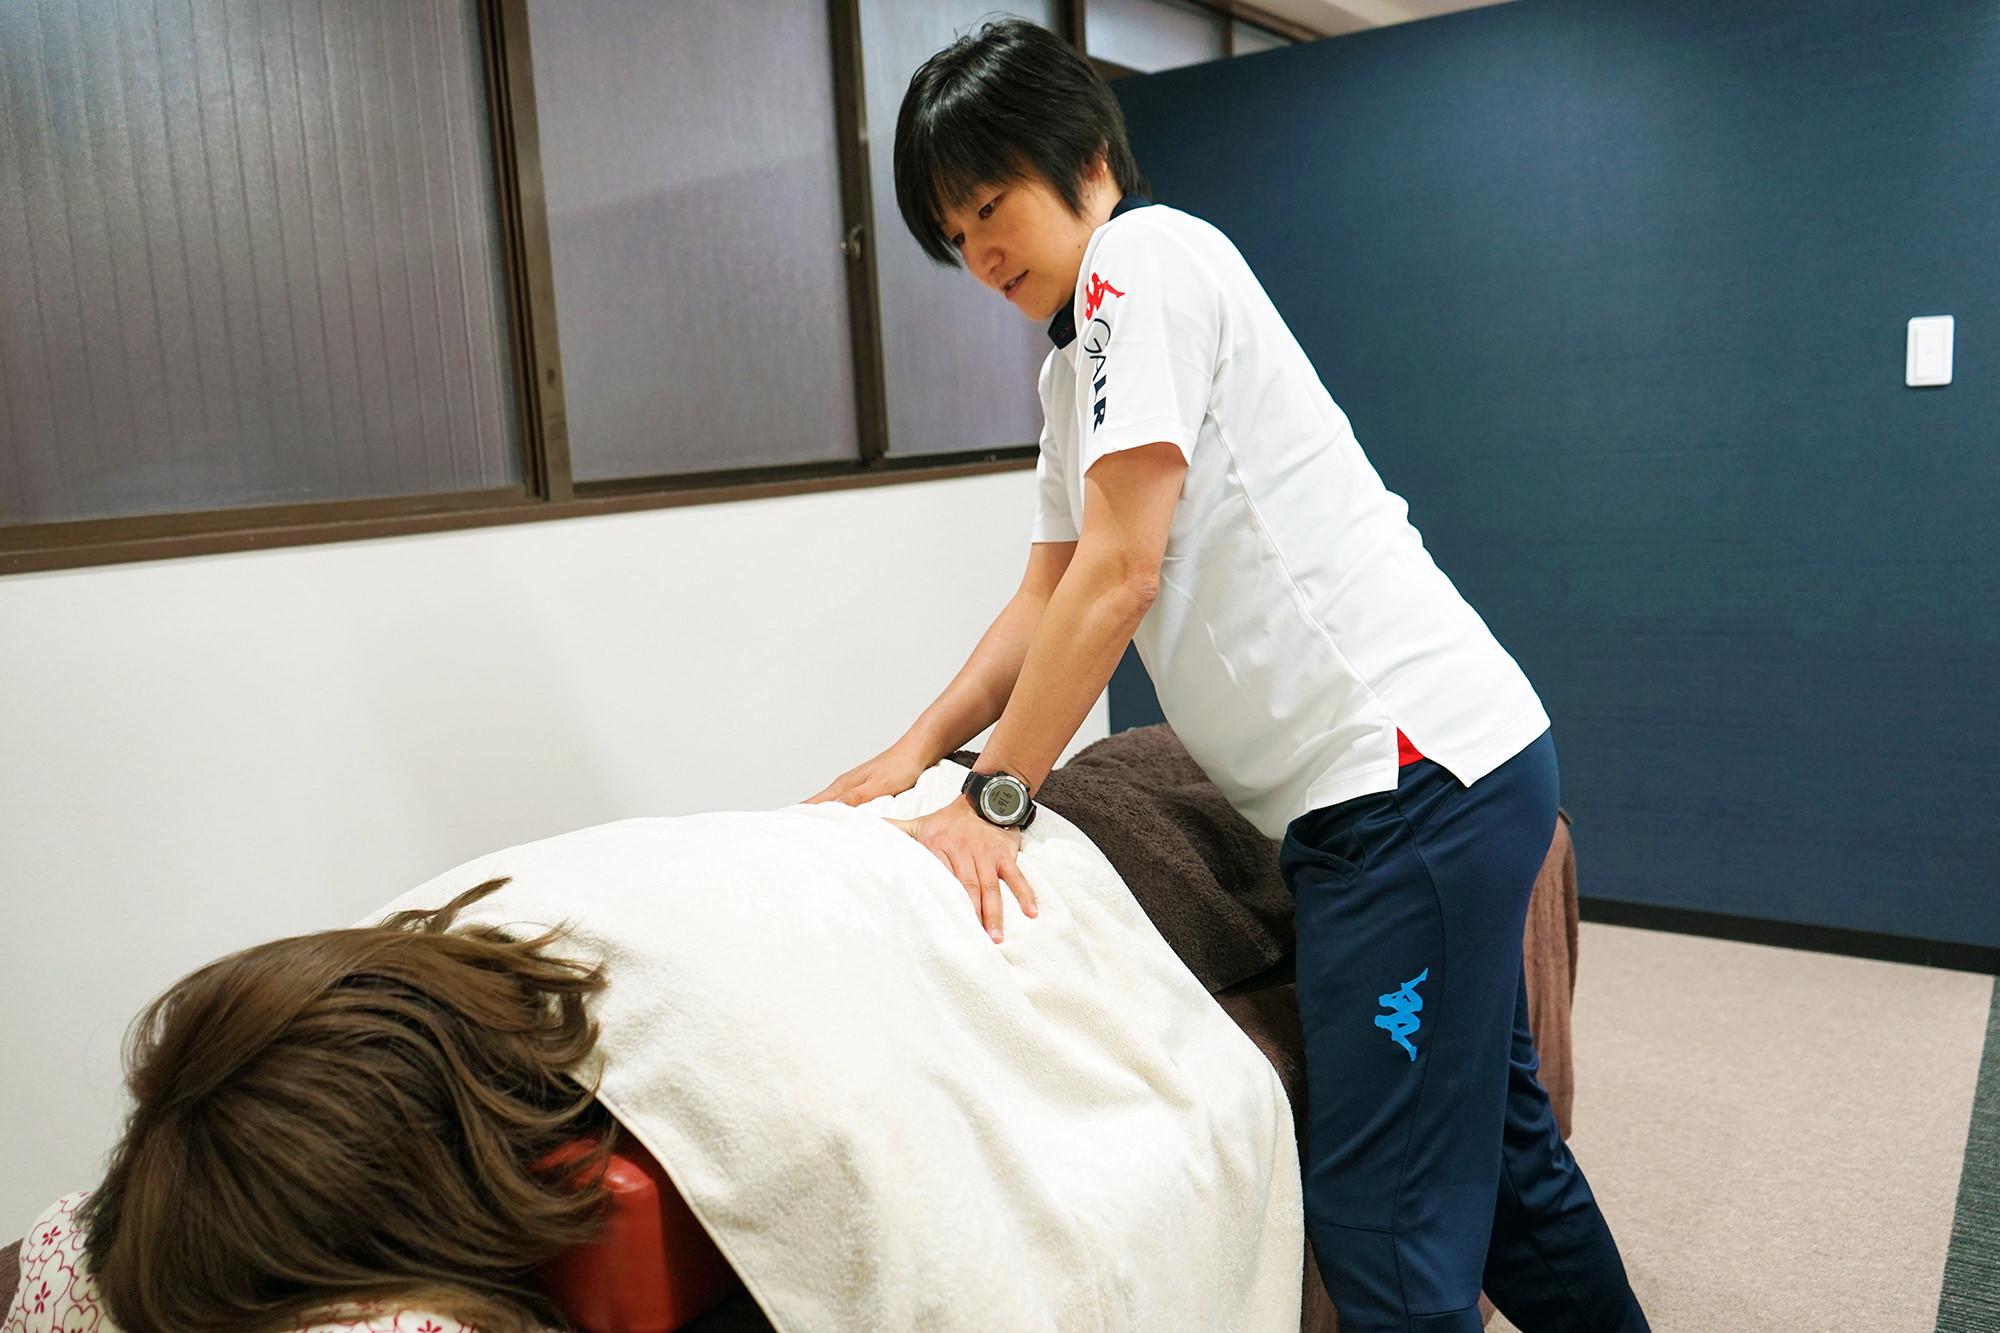 4.治療・トレーニング - 評価に応じて必要な治療やトレーニングを行っていきます。お着替えやトレーニング用の靴をご持参ください。